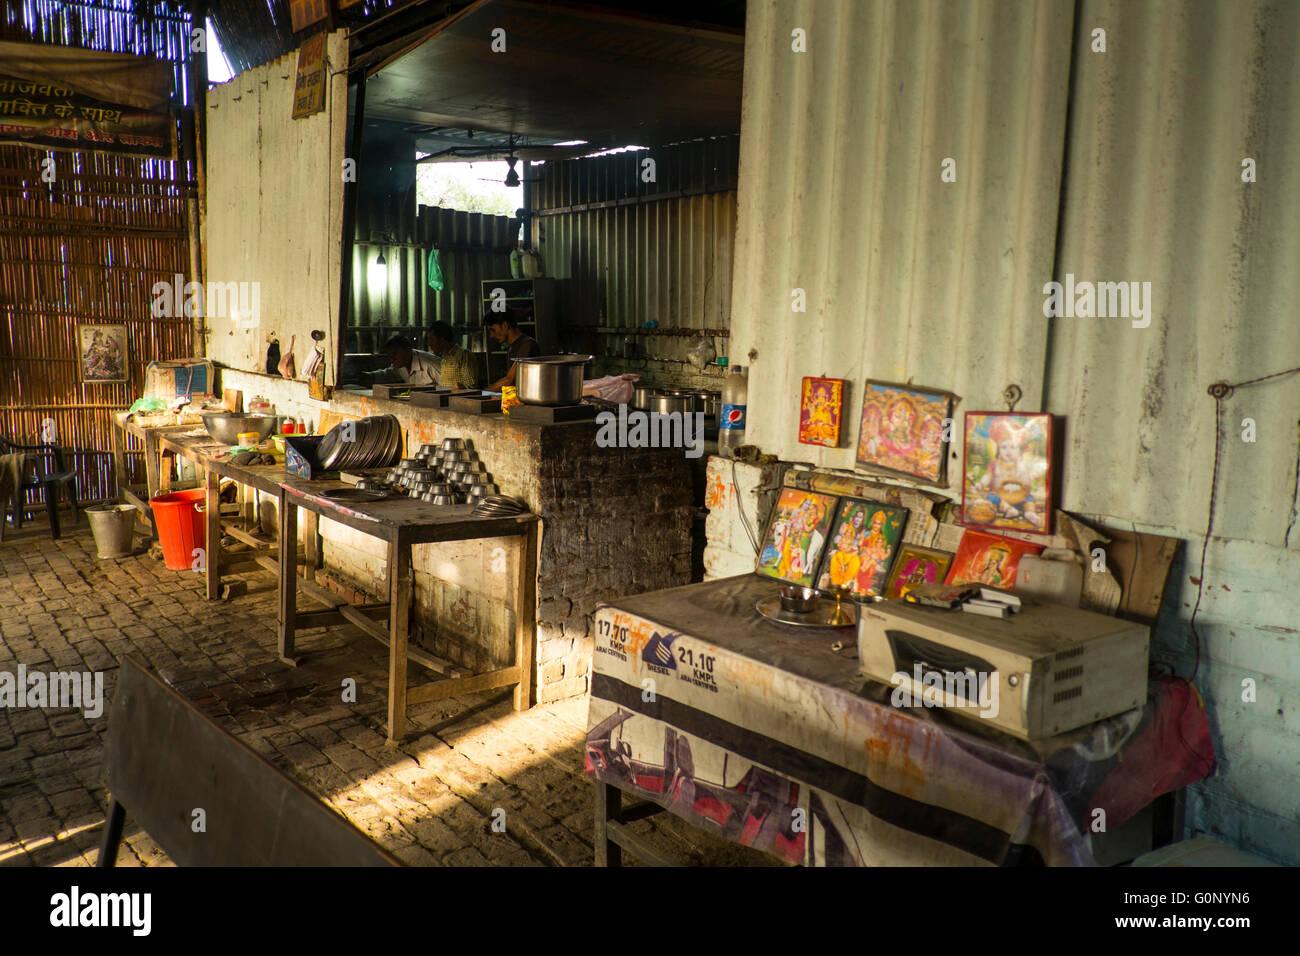 Un tradizionale Dhaba o cibo giunto sul Chandigarh - Manali autostrada, India Immagini Stock